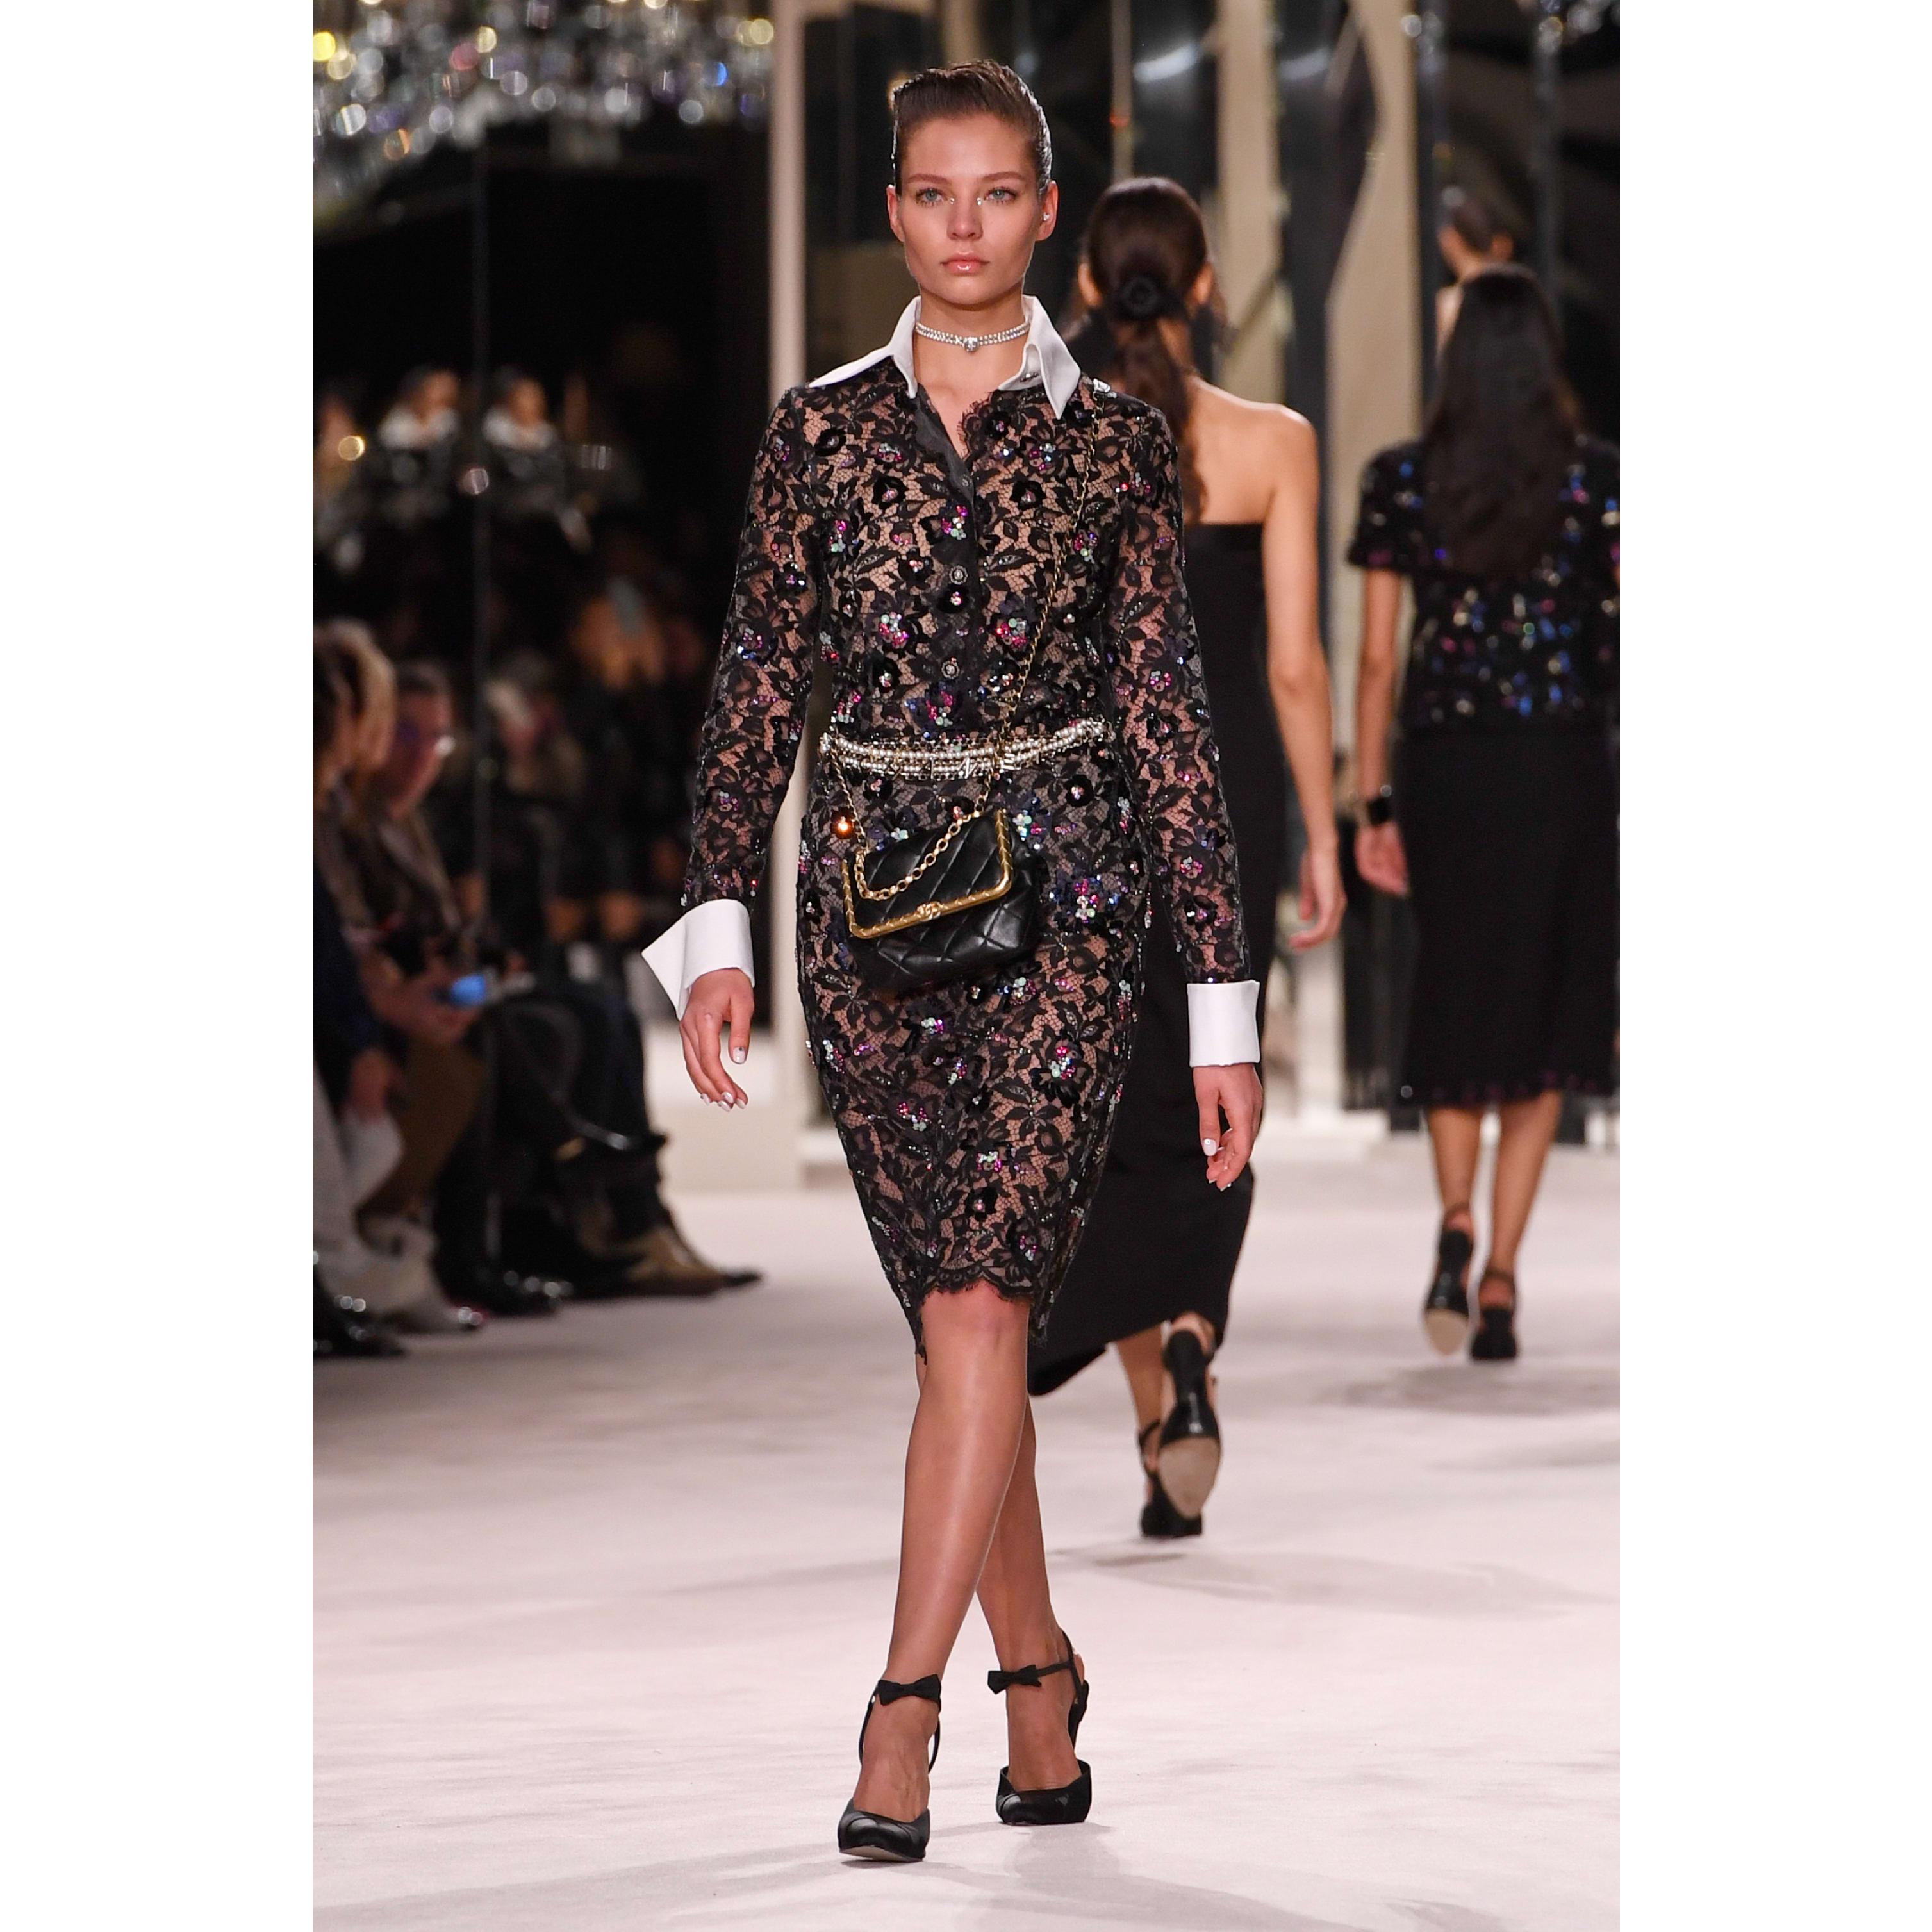 Saia - Black - Embroidered Lace - CHANEL - Vista predefinida - ver a versão em tamanho standard